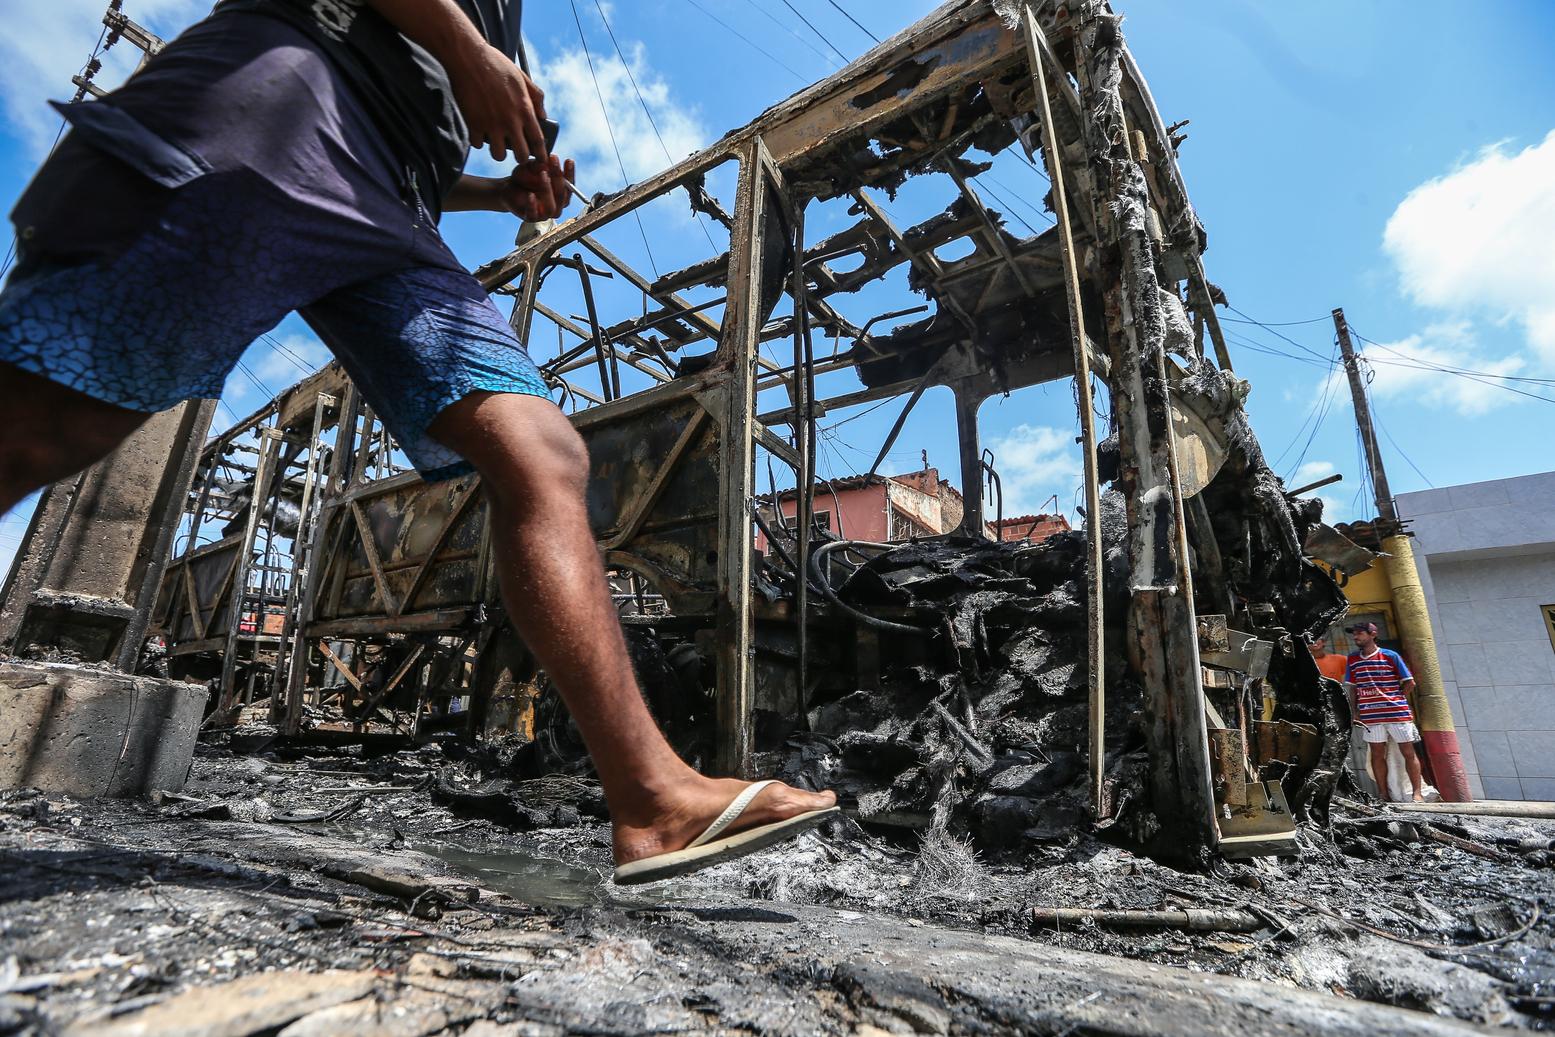 Destaque Policial Ataques criminosos confirmados no Ceará somam mais de 80